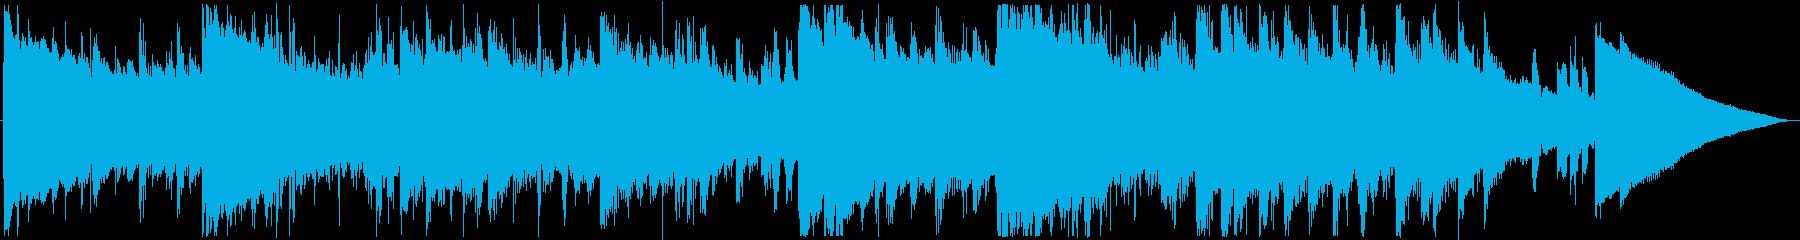 フュージョン ジャズ 実験的 企業...の再生済みの波形